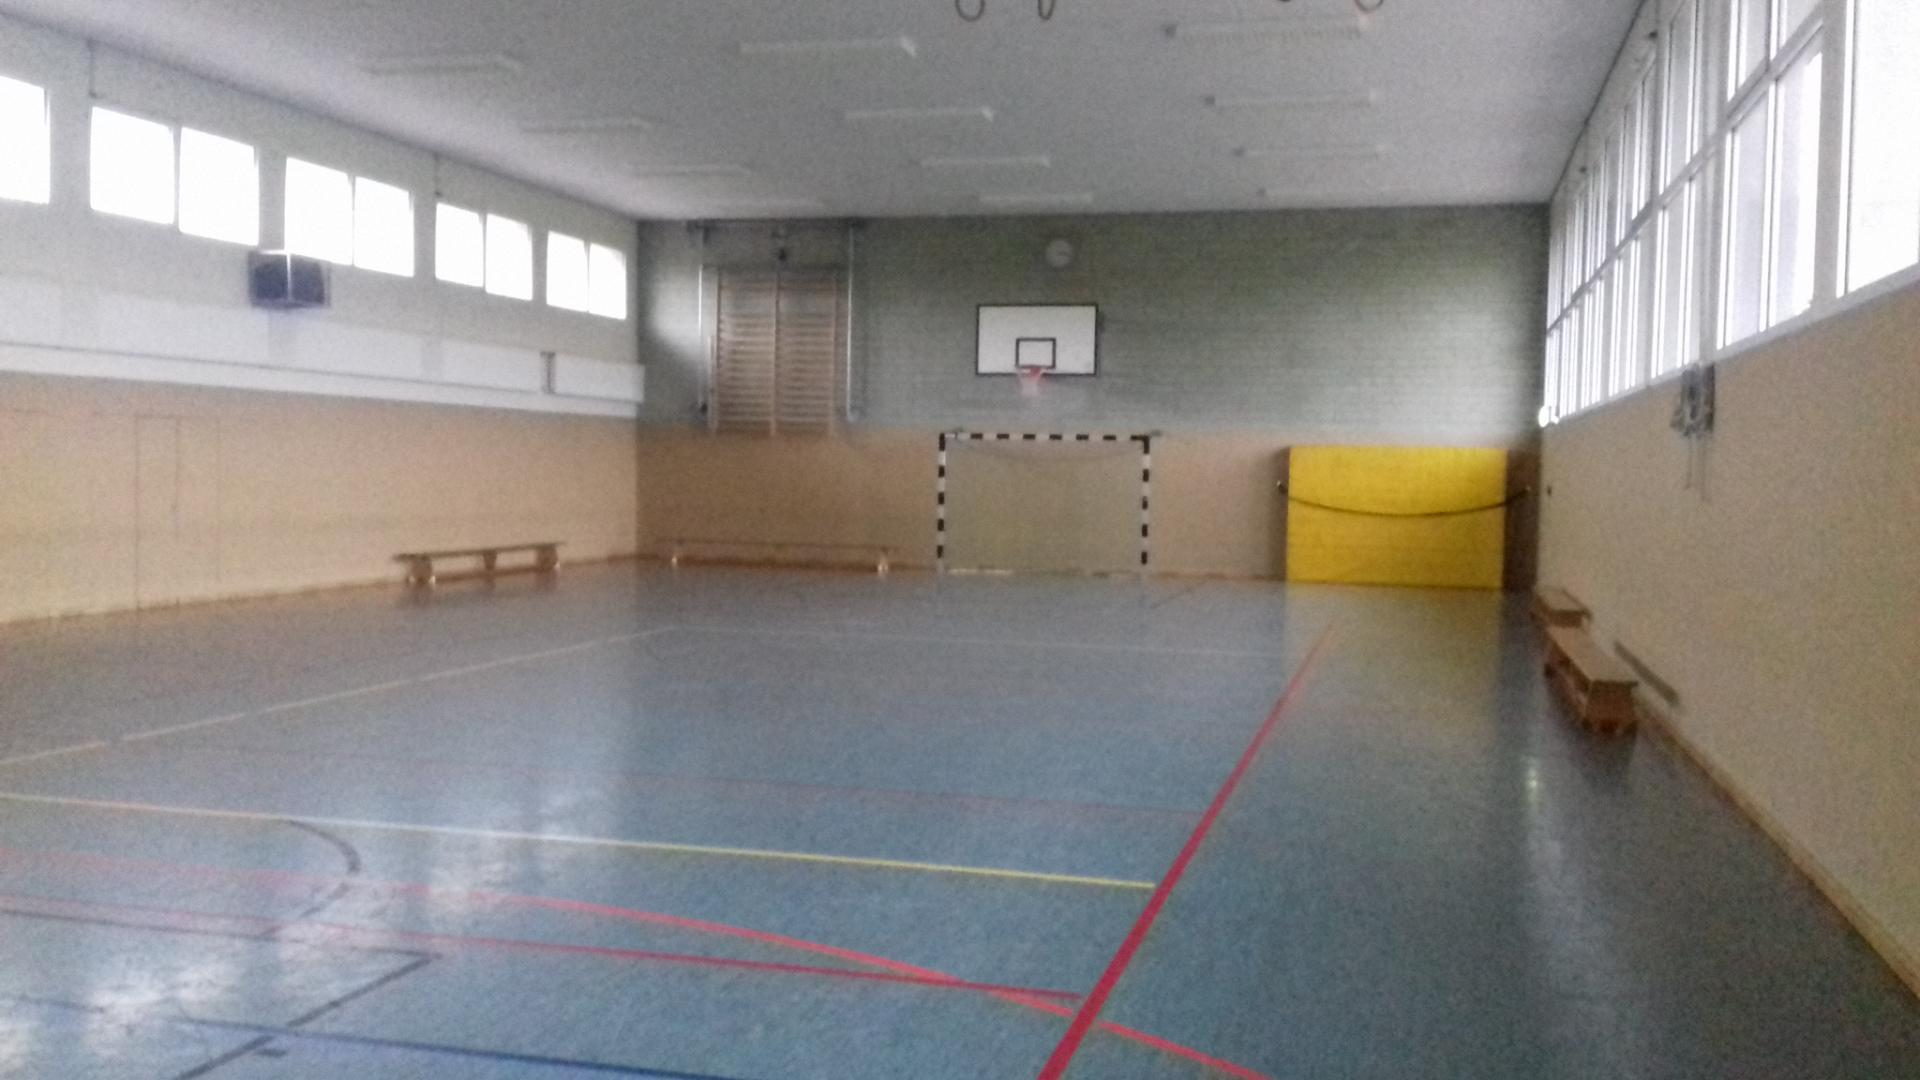 Einfachturhalle innen